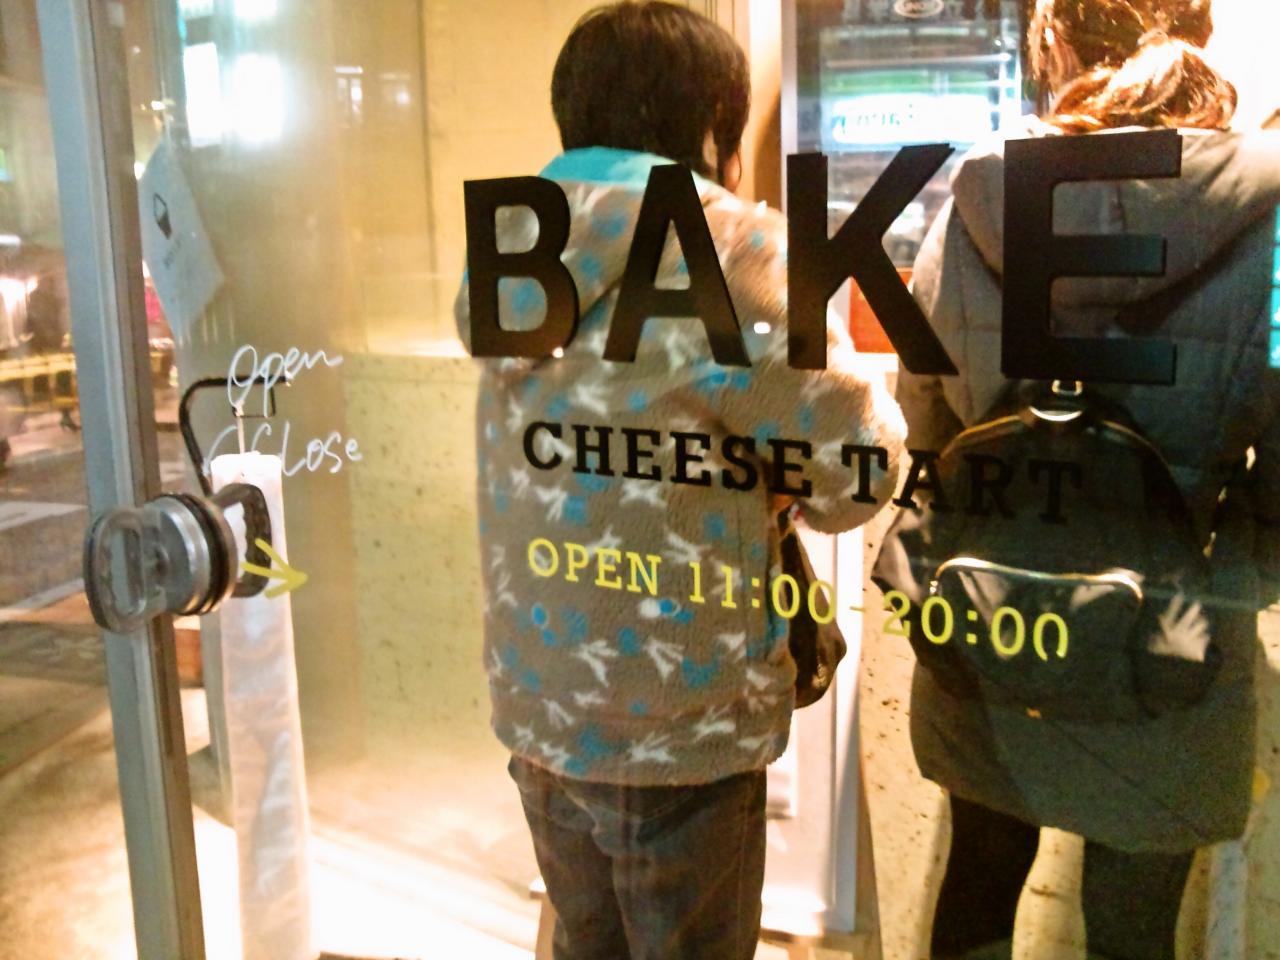 ベイク チーズ タルト 自由が丘(店舗)